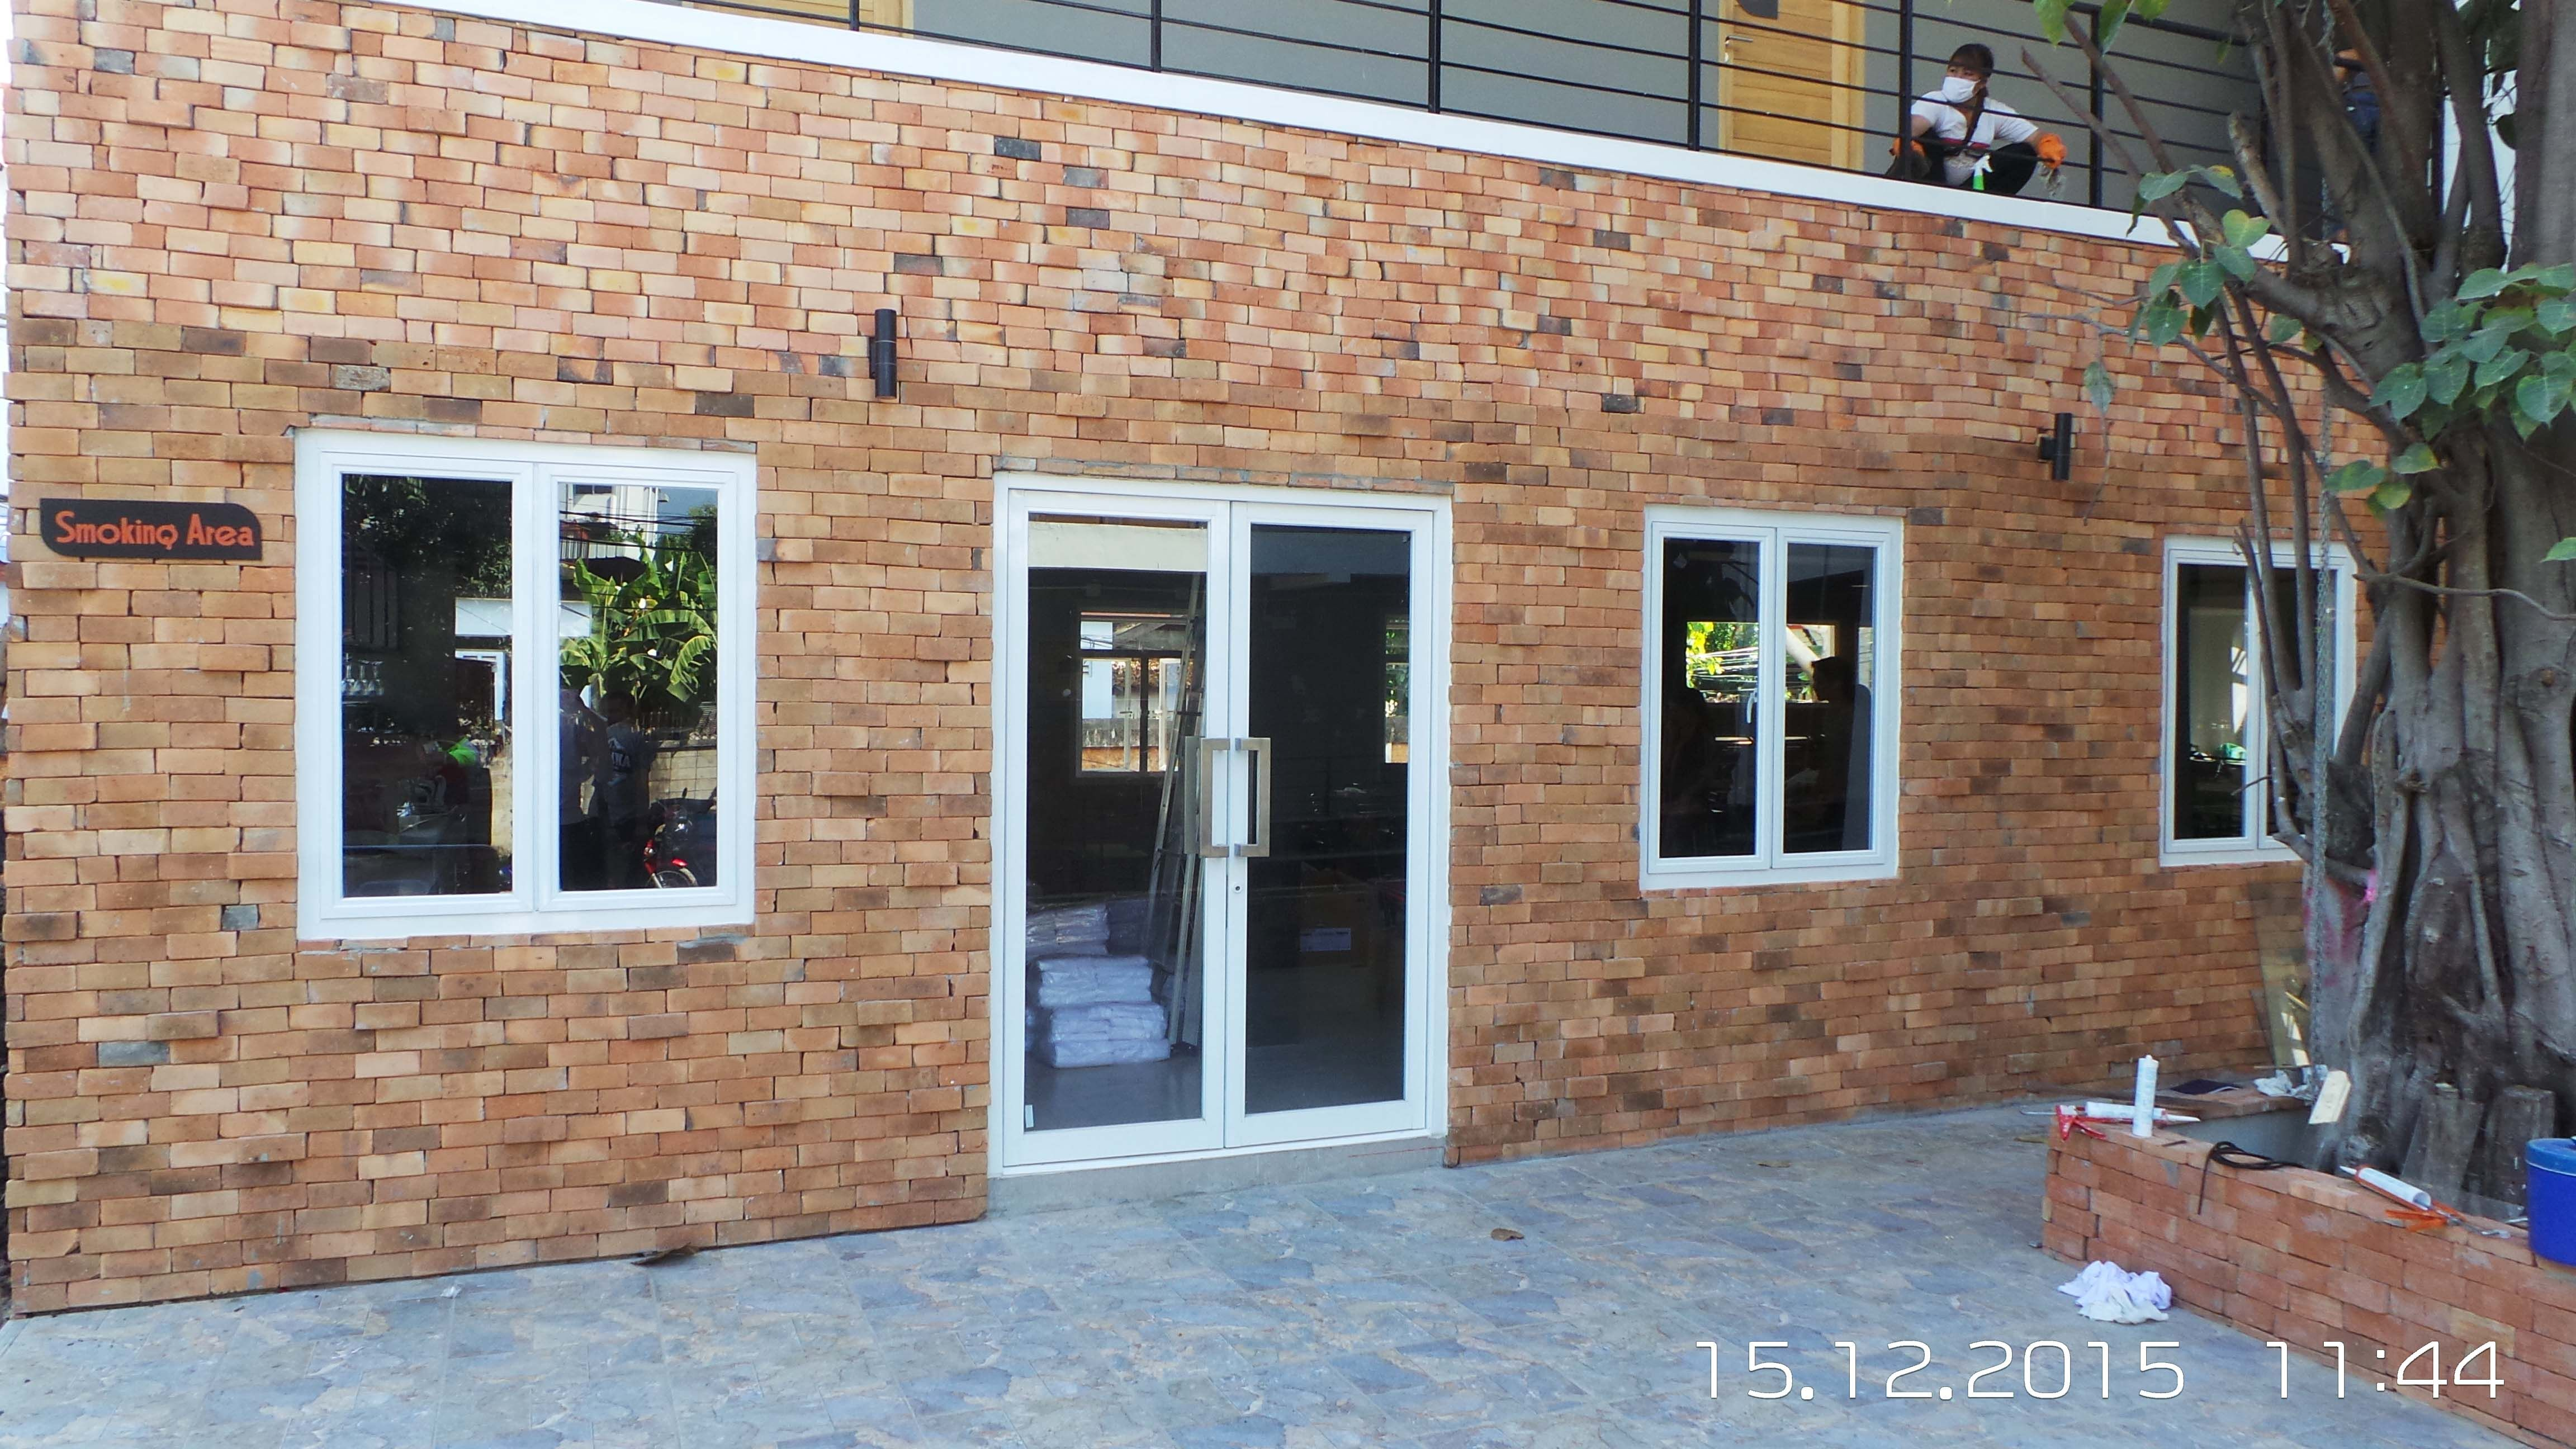 Rec Aluminum Entry Doors Overhead Concealed Door Closer Pricing From 950 Per Pair Closed Doors Doors Entry Doors